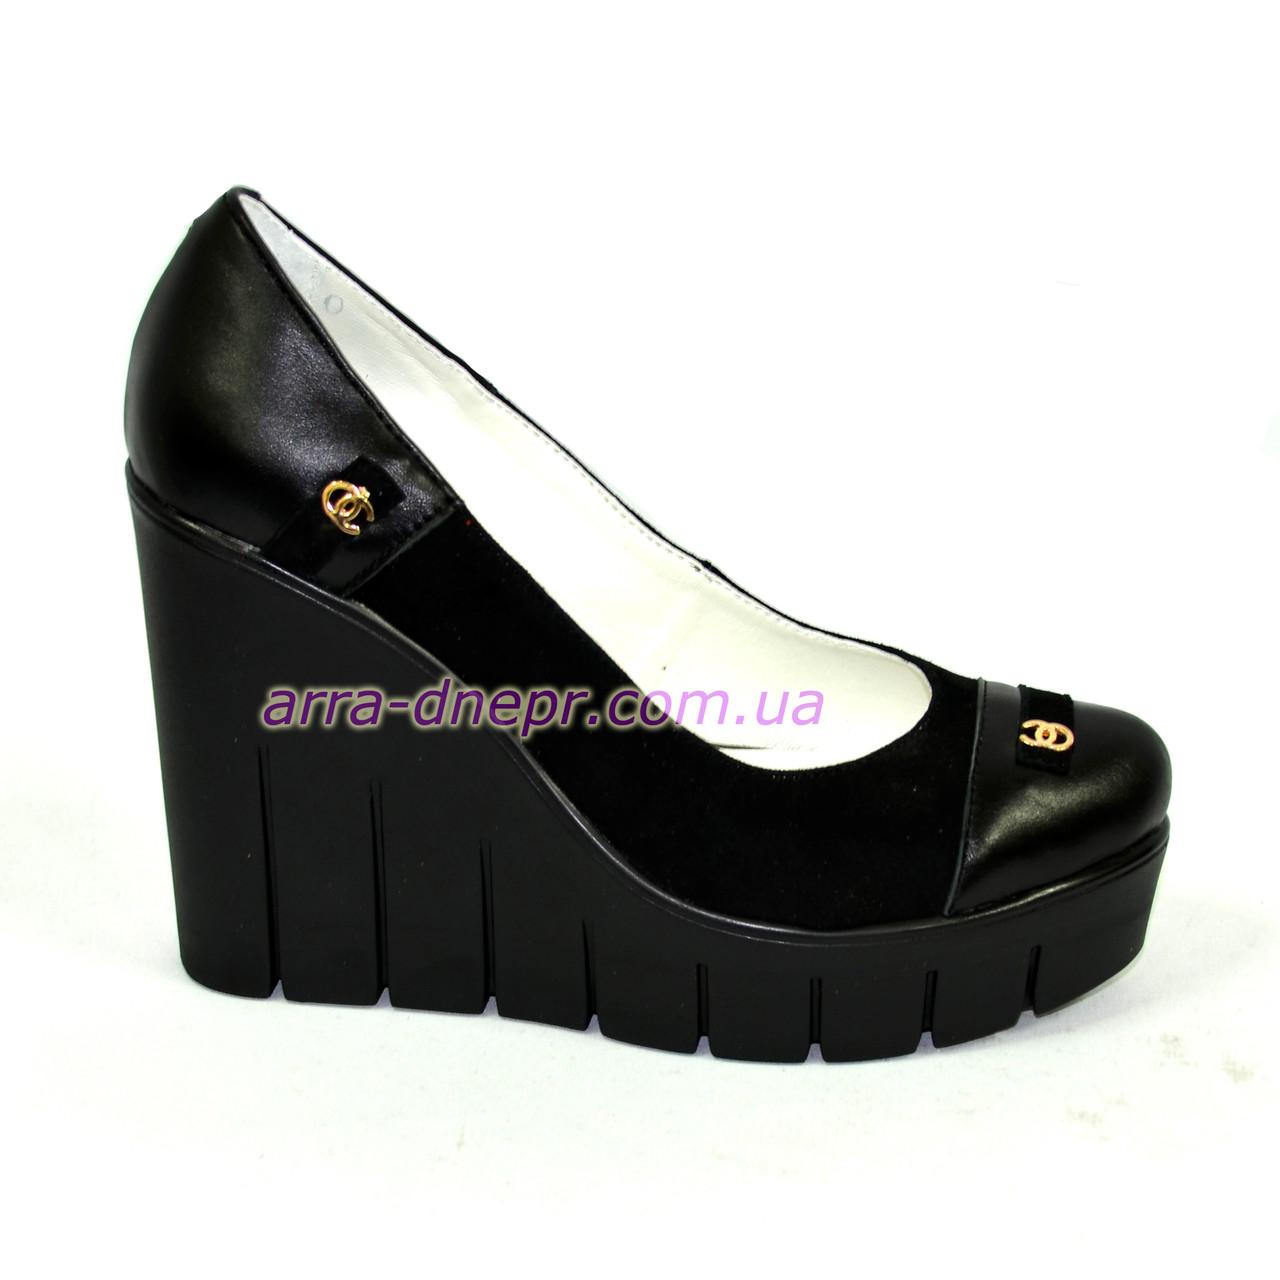 bab8c8d64015 Женские туфли на устойчивой высокой платформе, натуральная кожа и замша, ...